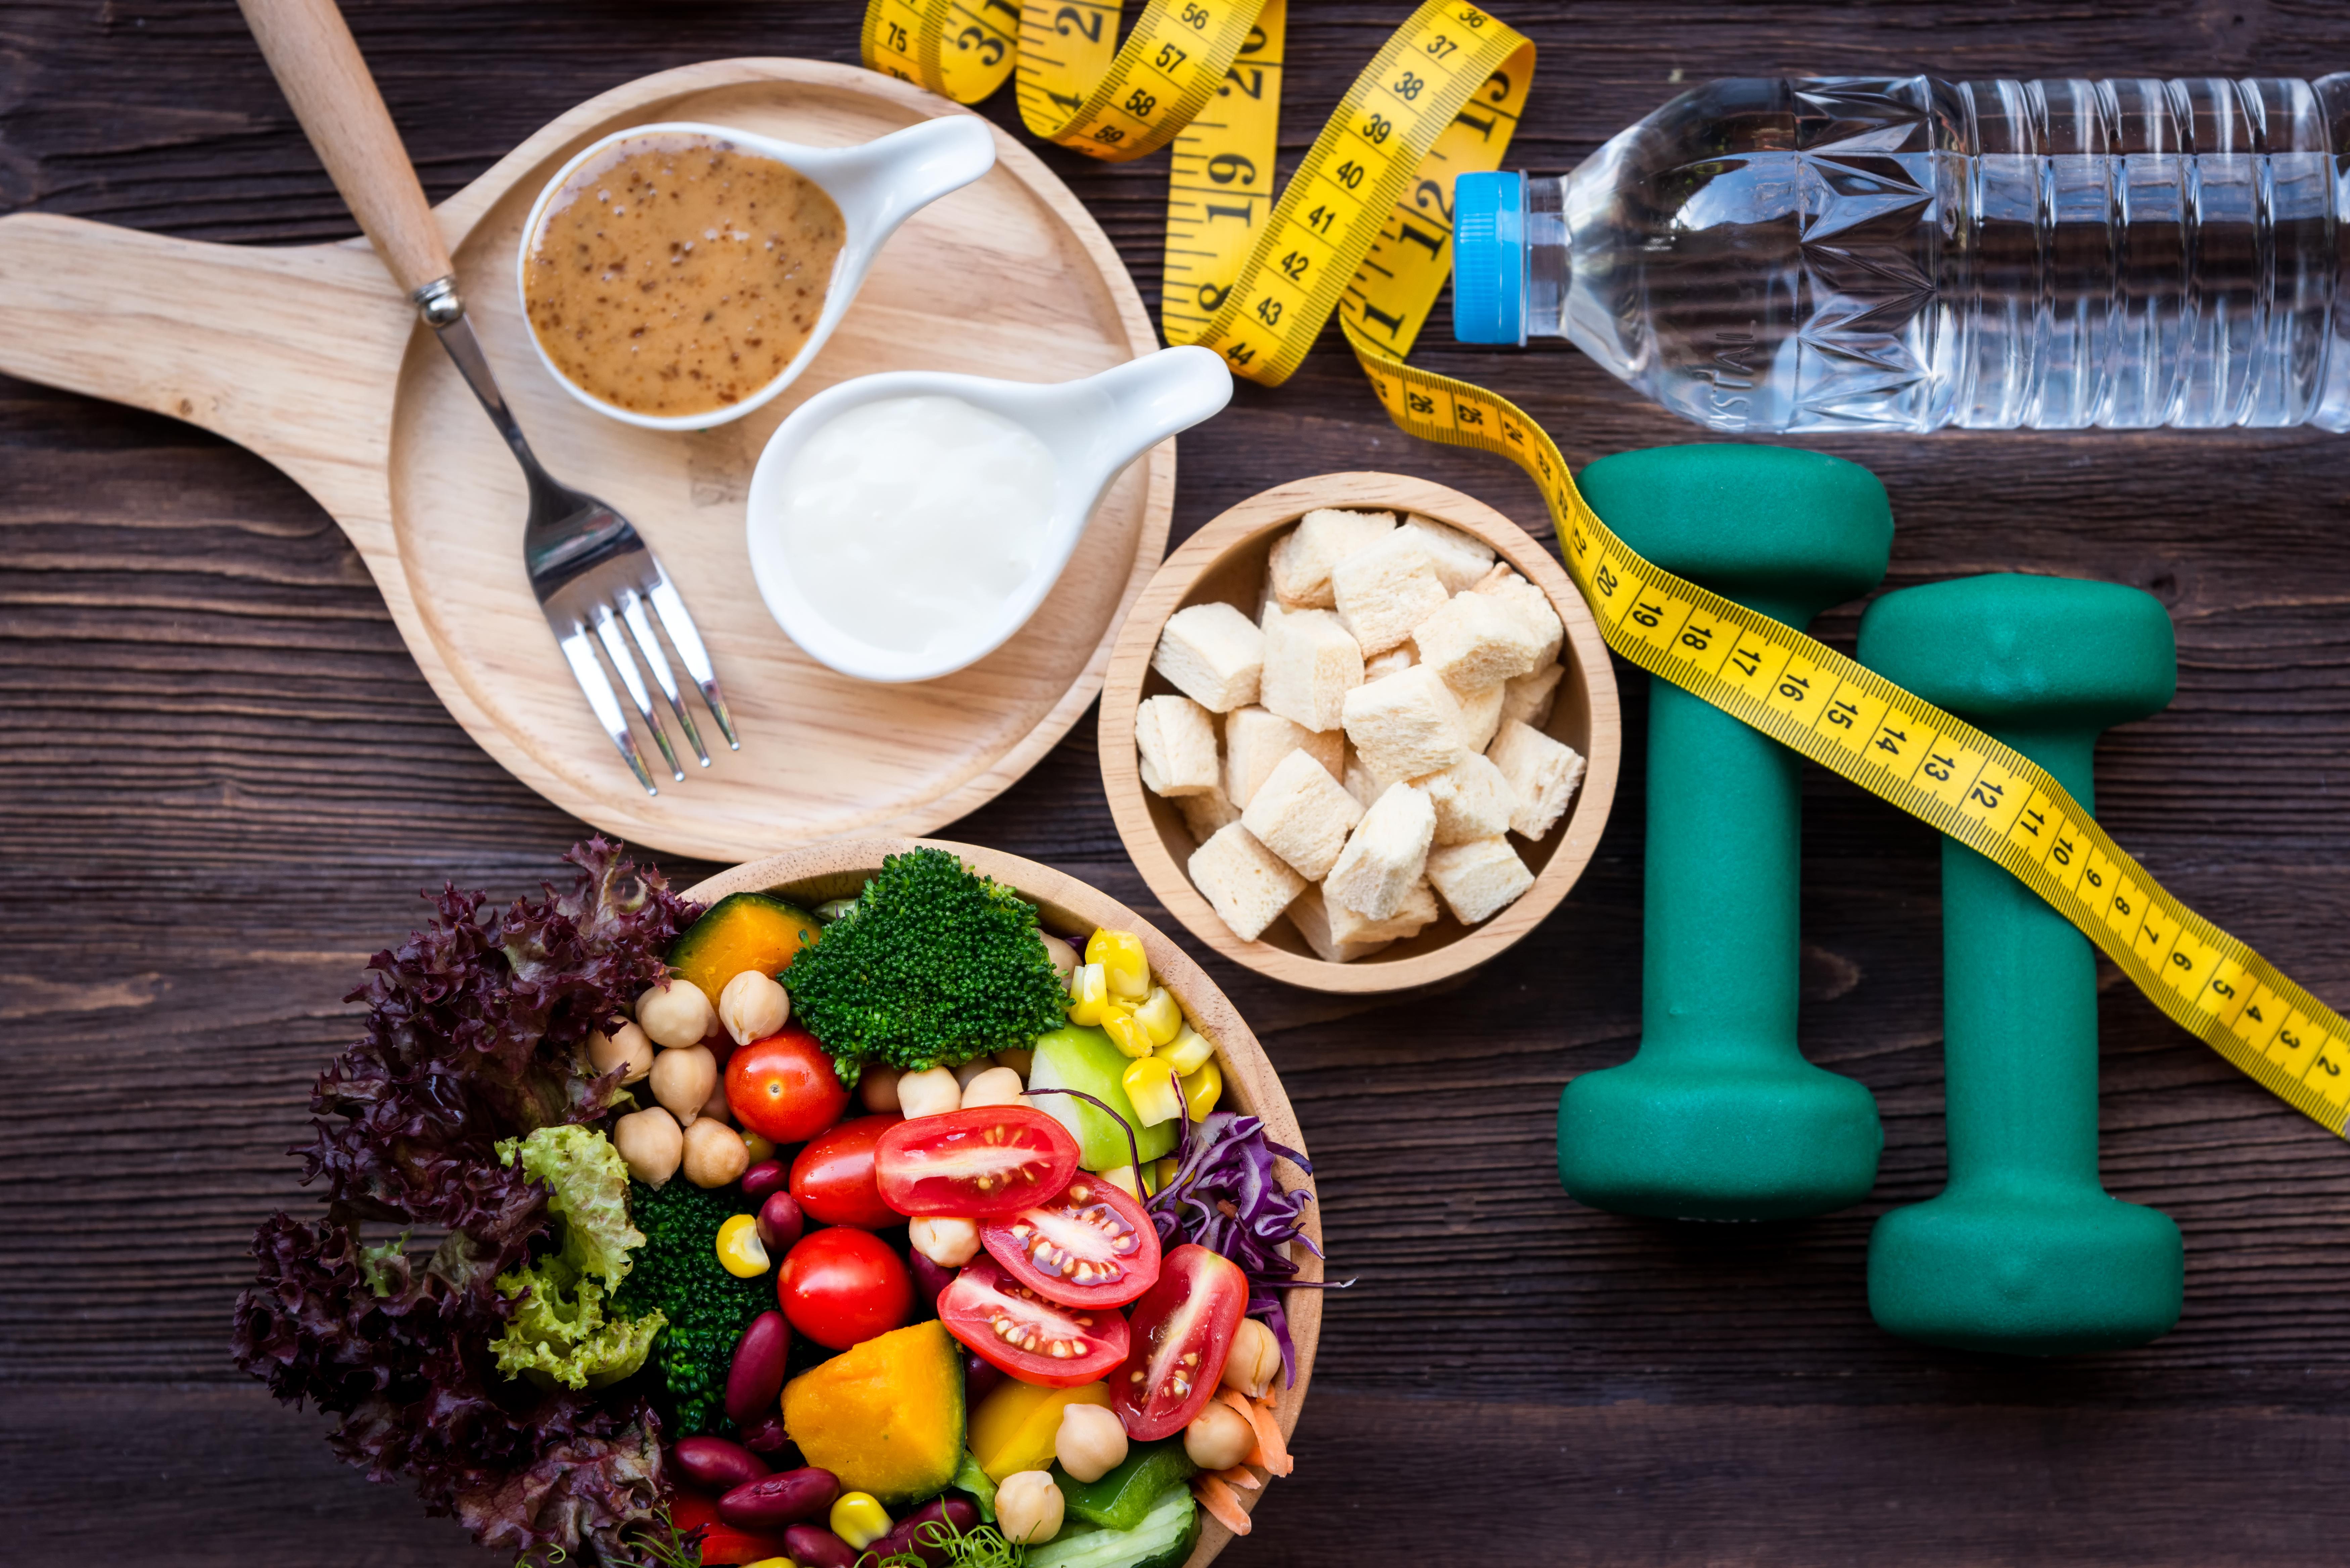 <p>6. Съобразявате се предимно с приетите калории, а не с макронутриентите Не калориите засищат глада, а хранителните вещества - протеини, въглехидрати, мазнини и фибри. За съжаление, консумирайки твърде много рафинирани въглехидрати, лишавате организма си от качествена храна и запълвате тялото си с &quot;празни&quot; калории. Затова и тялото ви започва да търси повече и повече храна. А крайният резултат - гладен, с бавен метаболизъм човек, който е твърде вероятно да се нахвърли върху всяка тестена закуска или вафла, оставена в шкафа.</p>